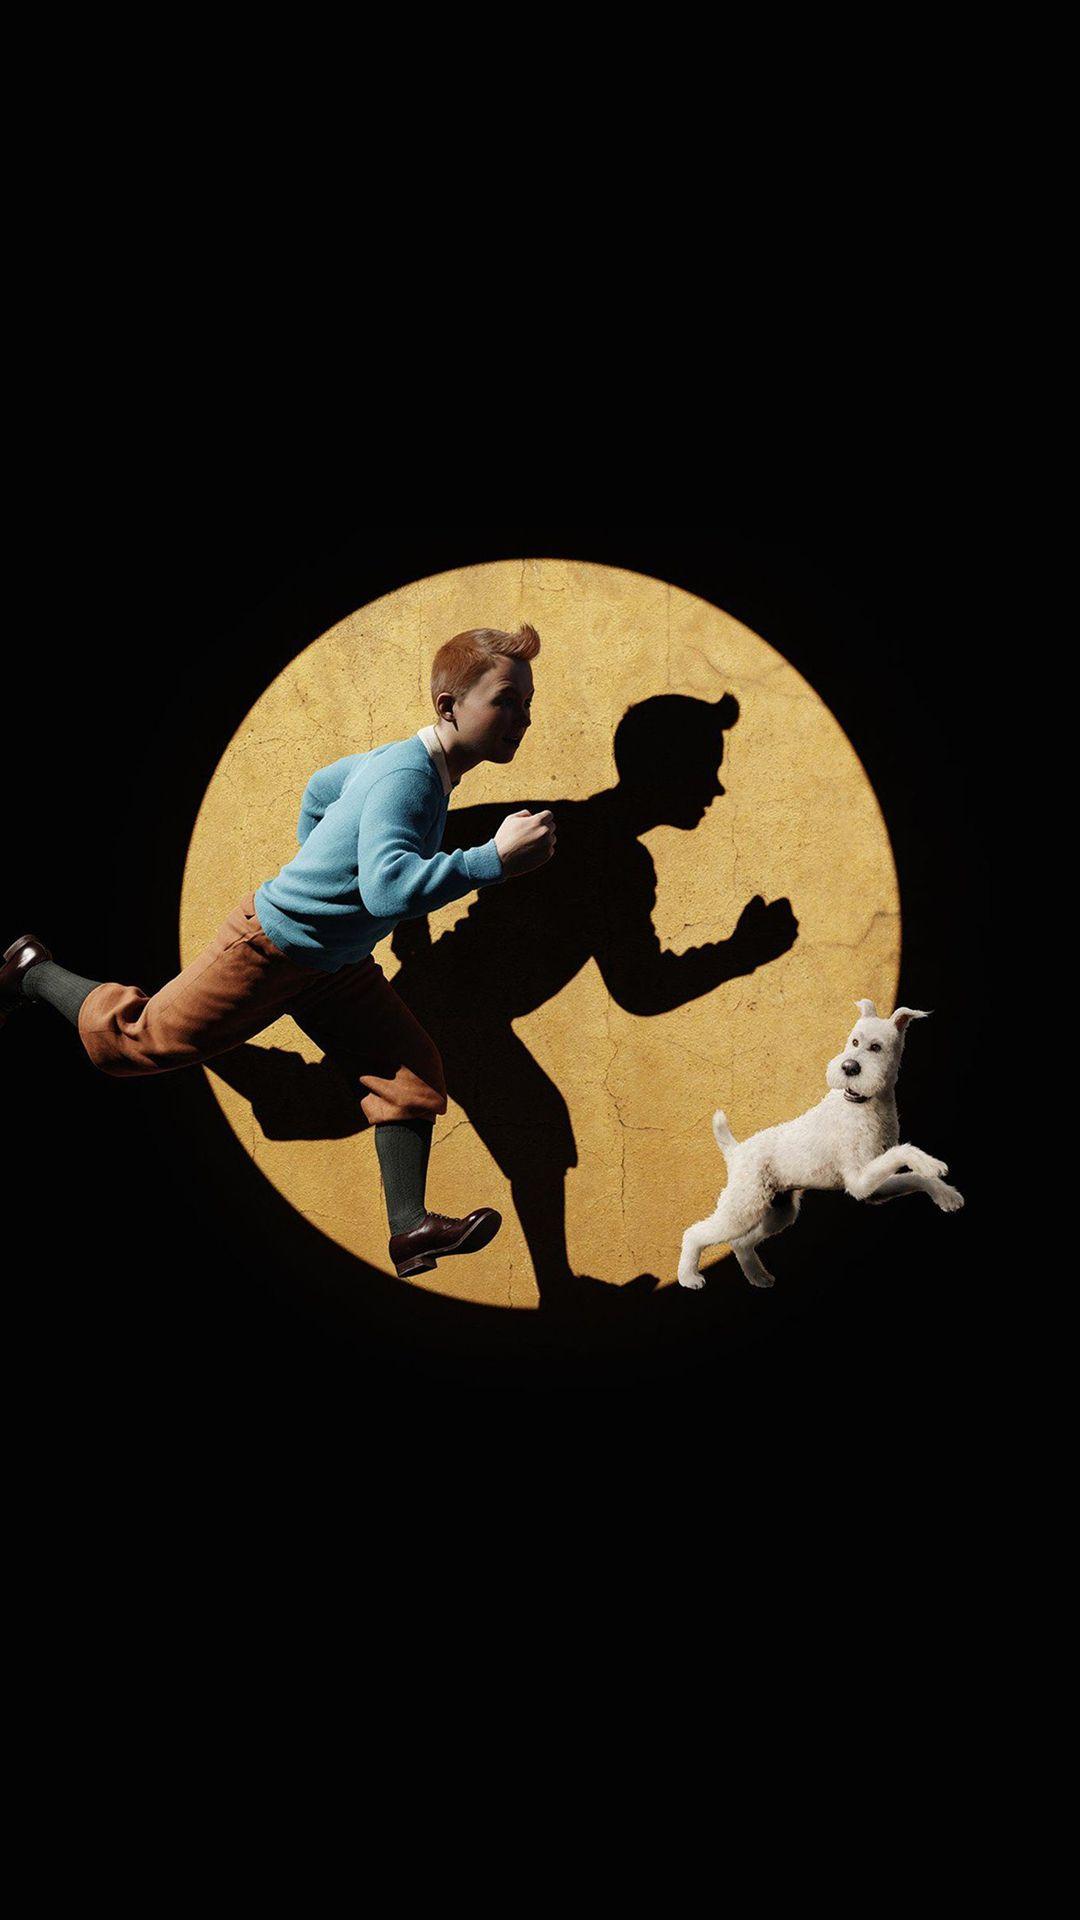 Tintin 3d art dark illustration iphone 6 plus - Tintin gratuit ...